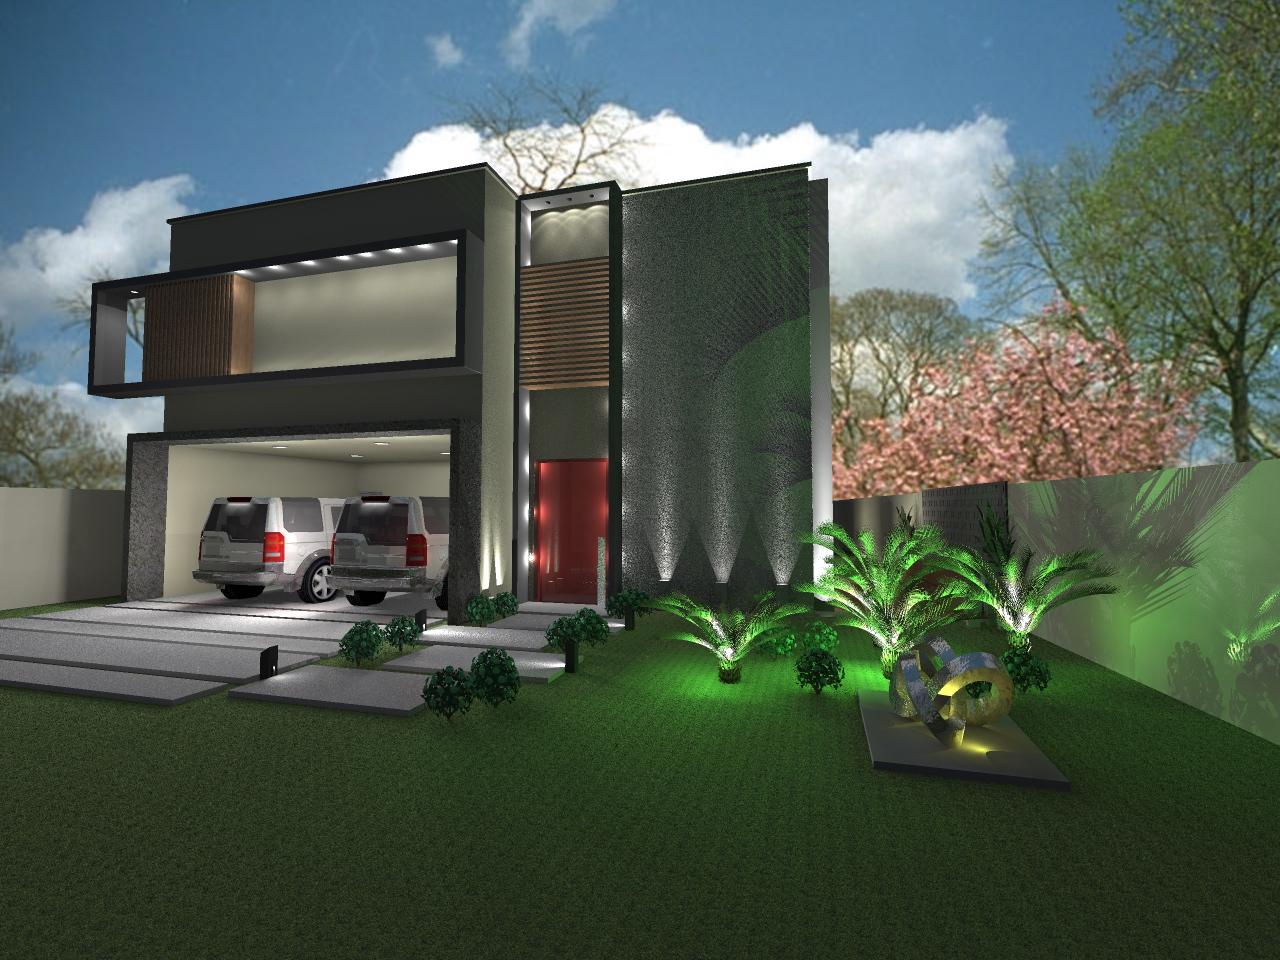 Fachada de casa contemporanea con aplicaciones de piedra for Casa contemporanea